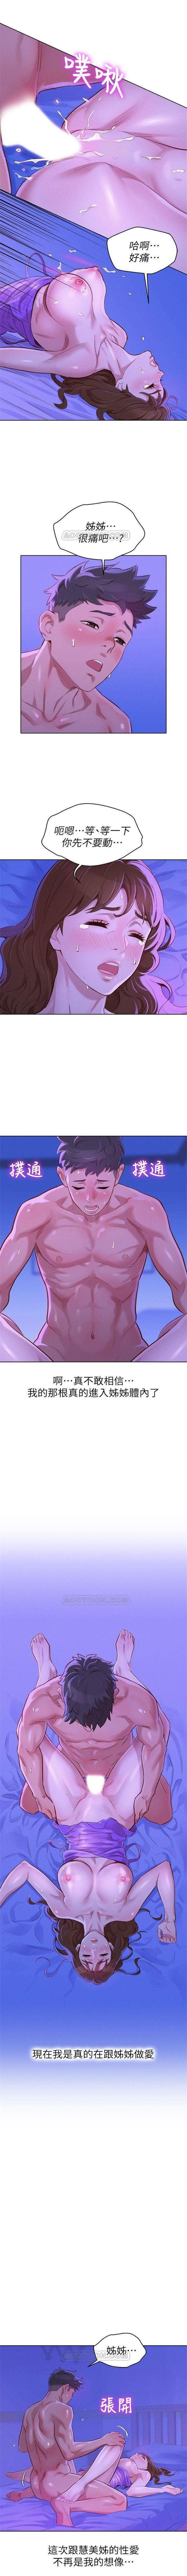 (週7)漂亮幹姐姐  1-92 中文翻譯 (更新中) 428